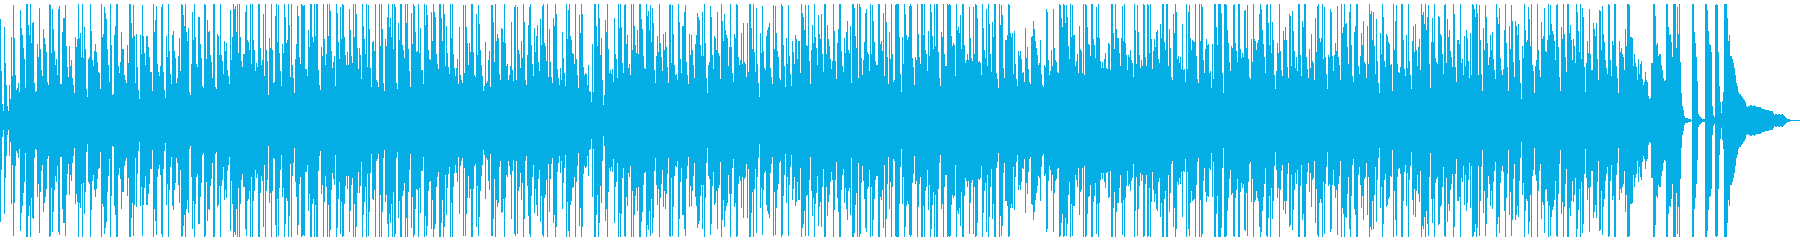 ハッピー&わくわくの再生済みの波形